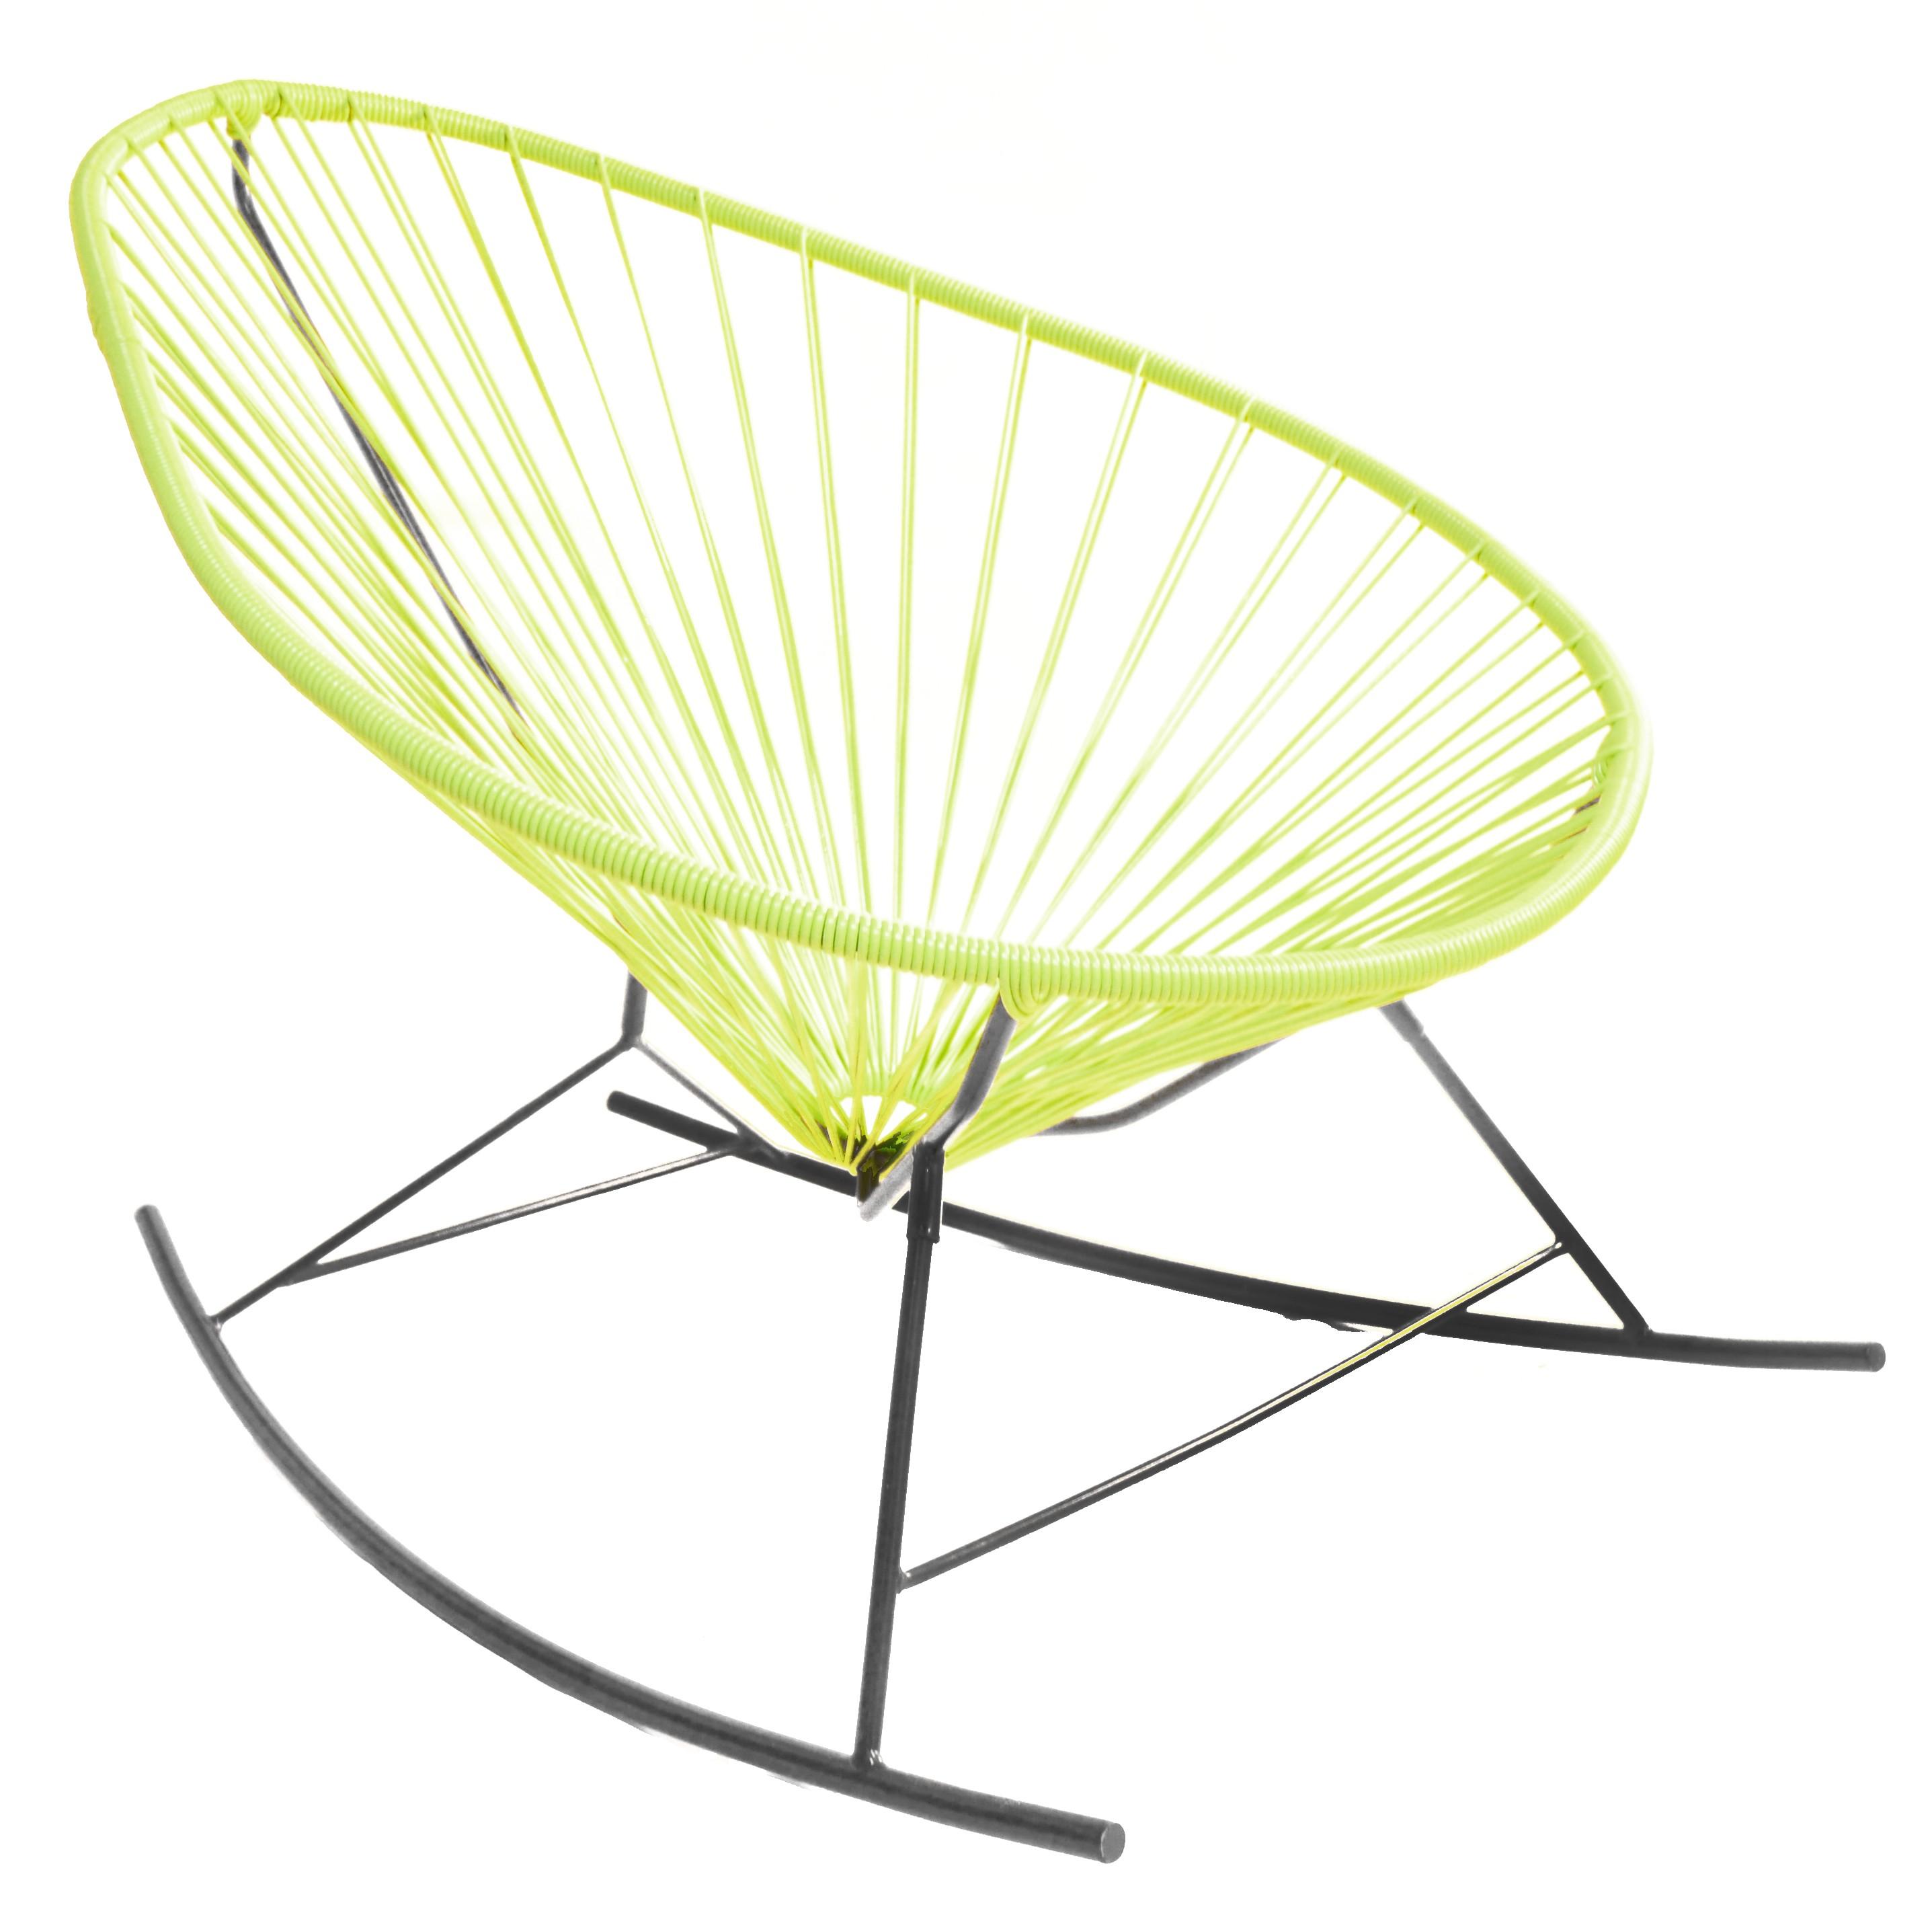 fauteuil bascule acapulco de boqa avec structure noire vert anis. Black Bedroom Furniture Sets. Home Design Ideas